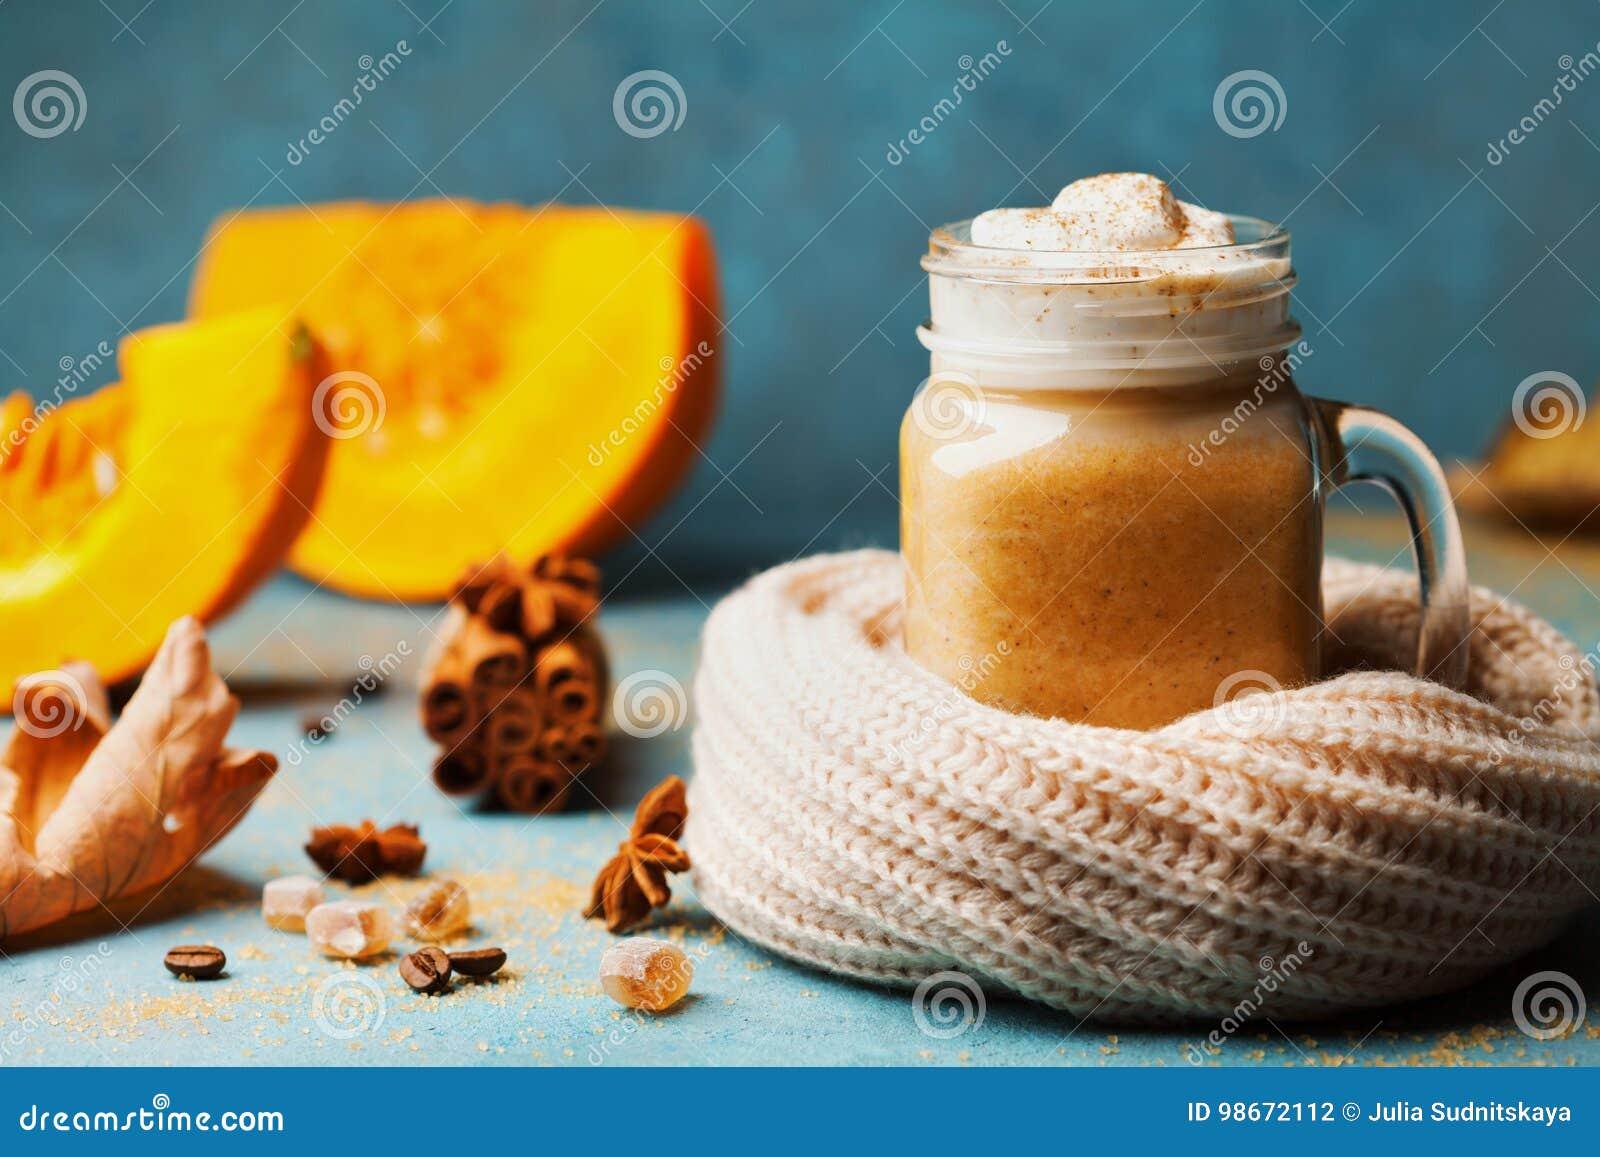 南瓜加了香料拿铁或在装饰的玻璃的咖啡编织了在绿松石葡萄酒背景的围巾 秋天、秋天或者冬天热的饮料